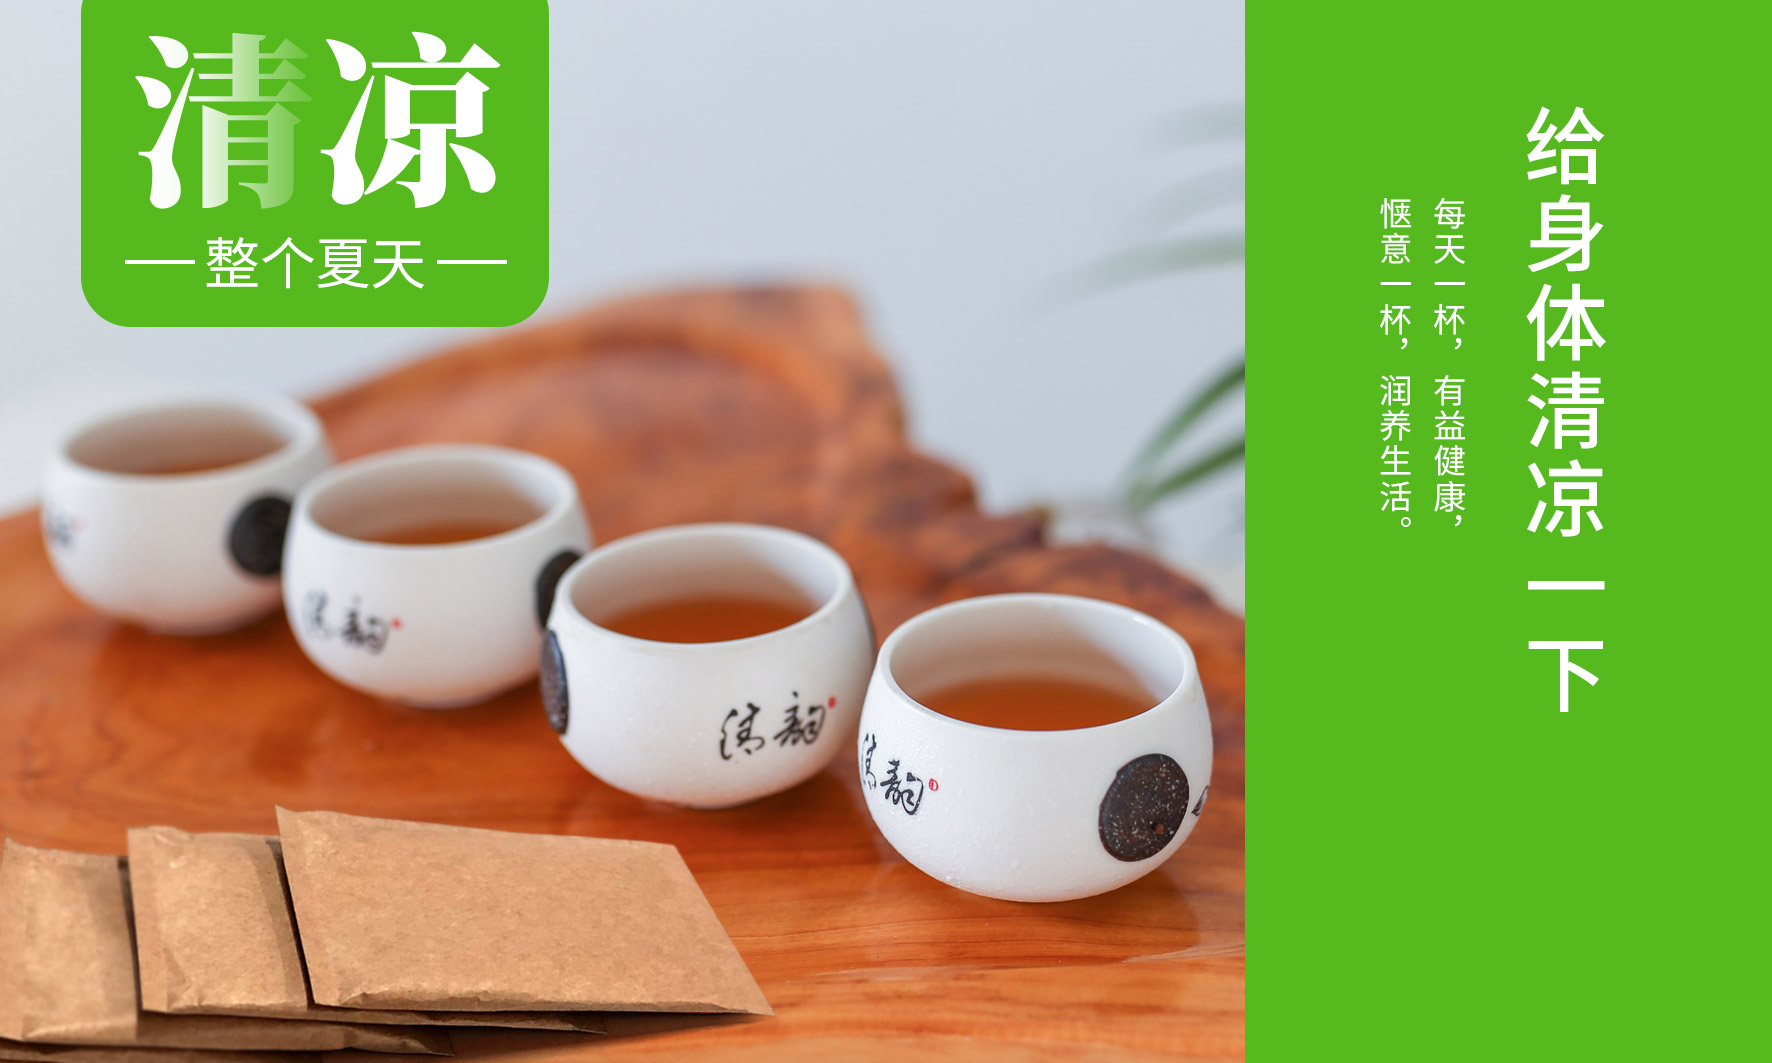 清凉茶修改-图片12